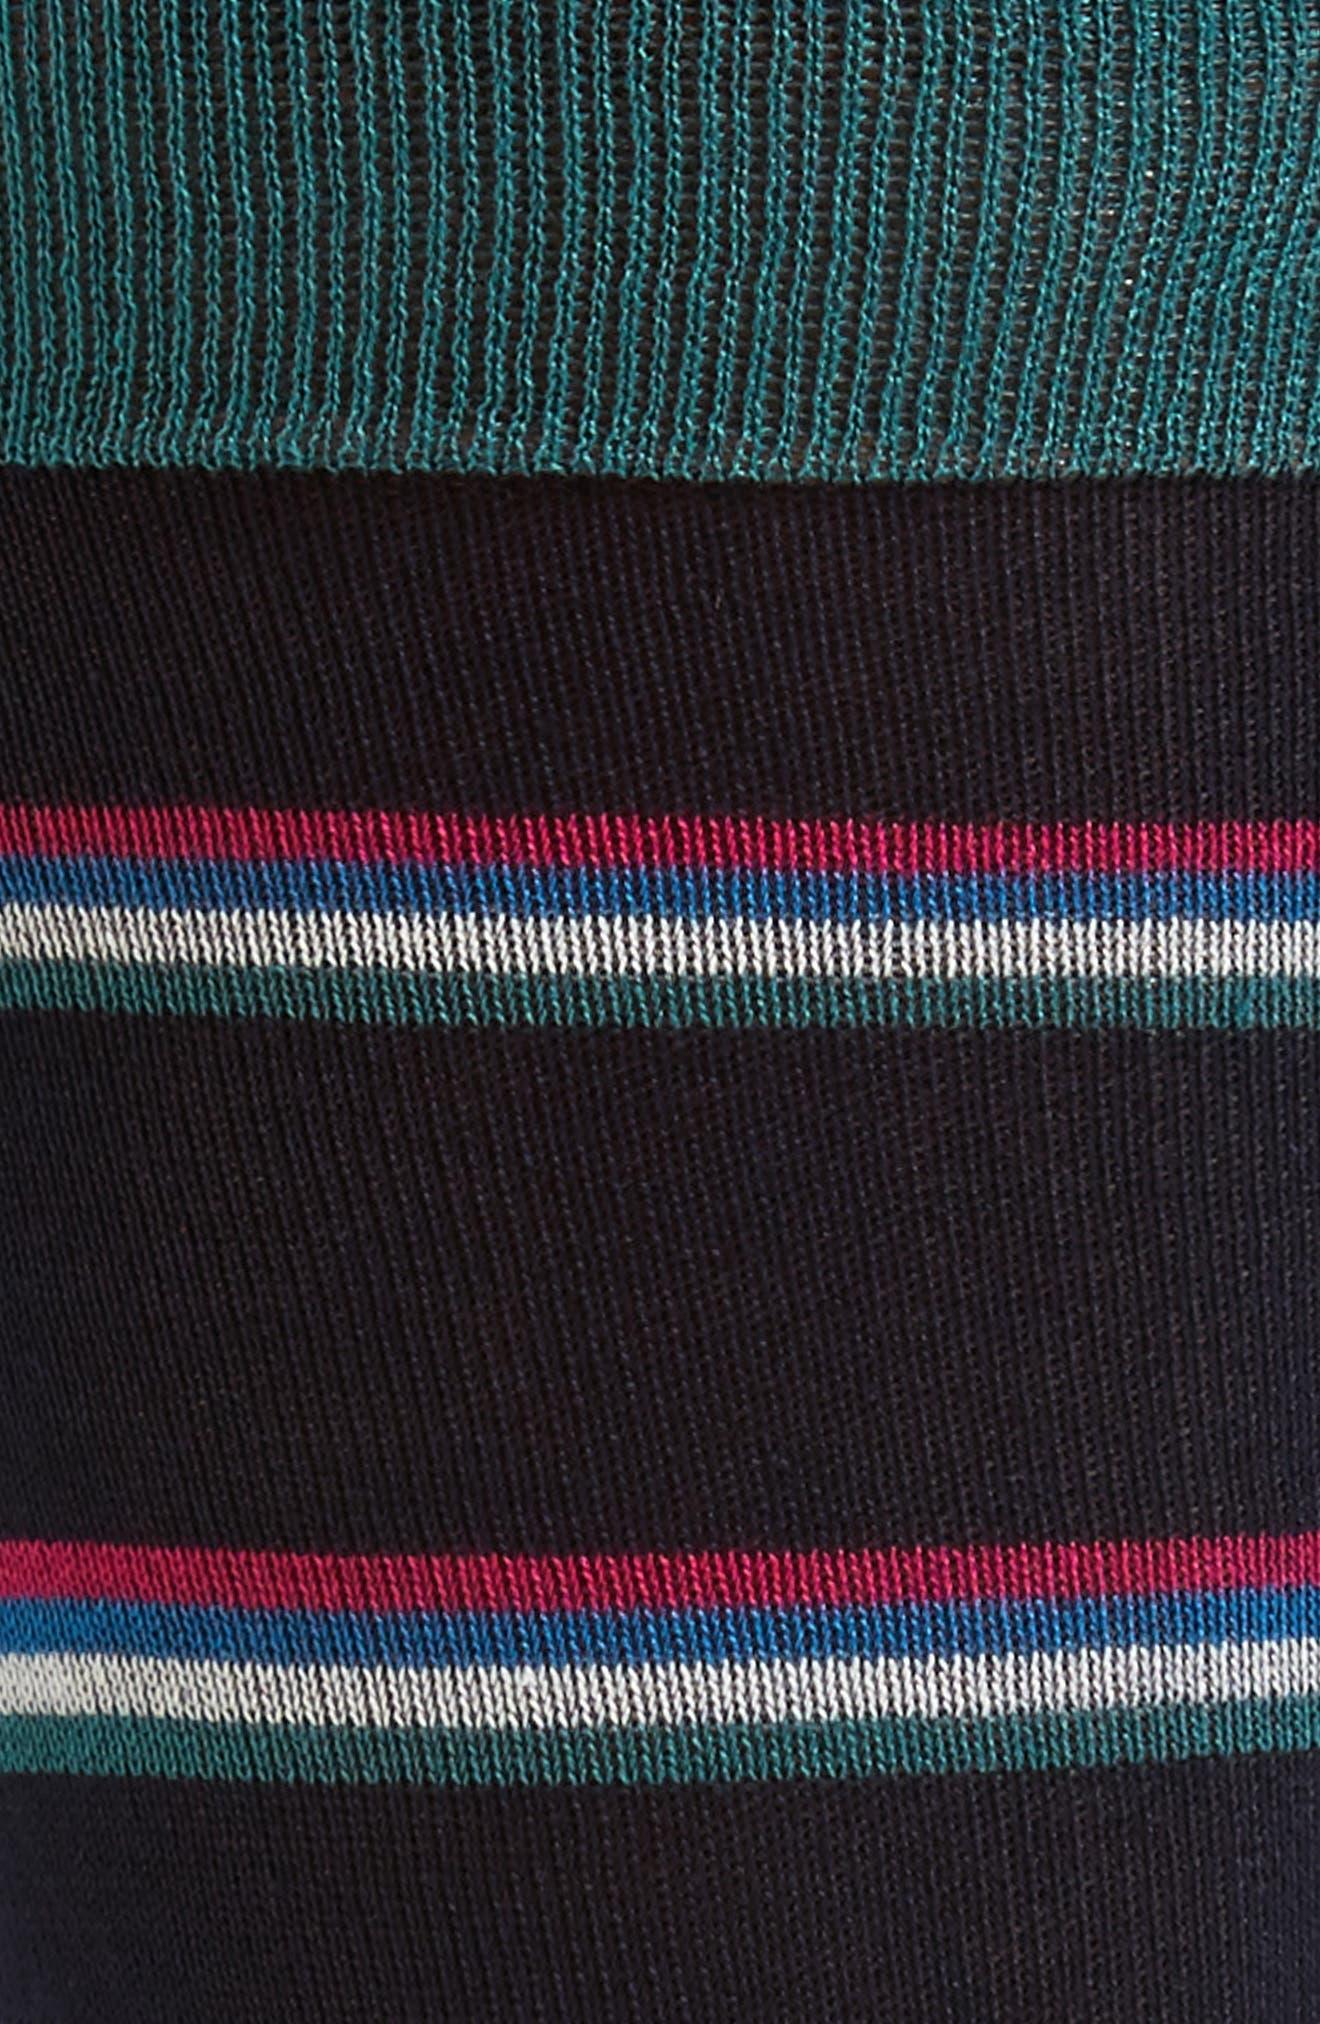 Jehans Stripe Socks,                             Alternate thumbnail 2, color,                             410